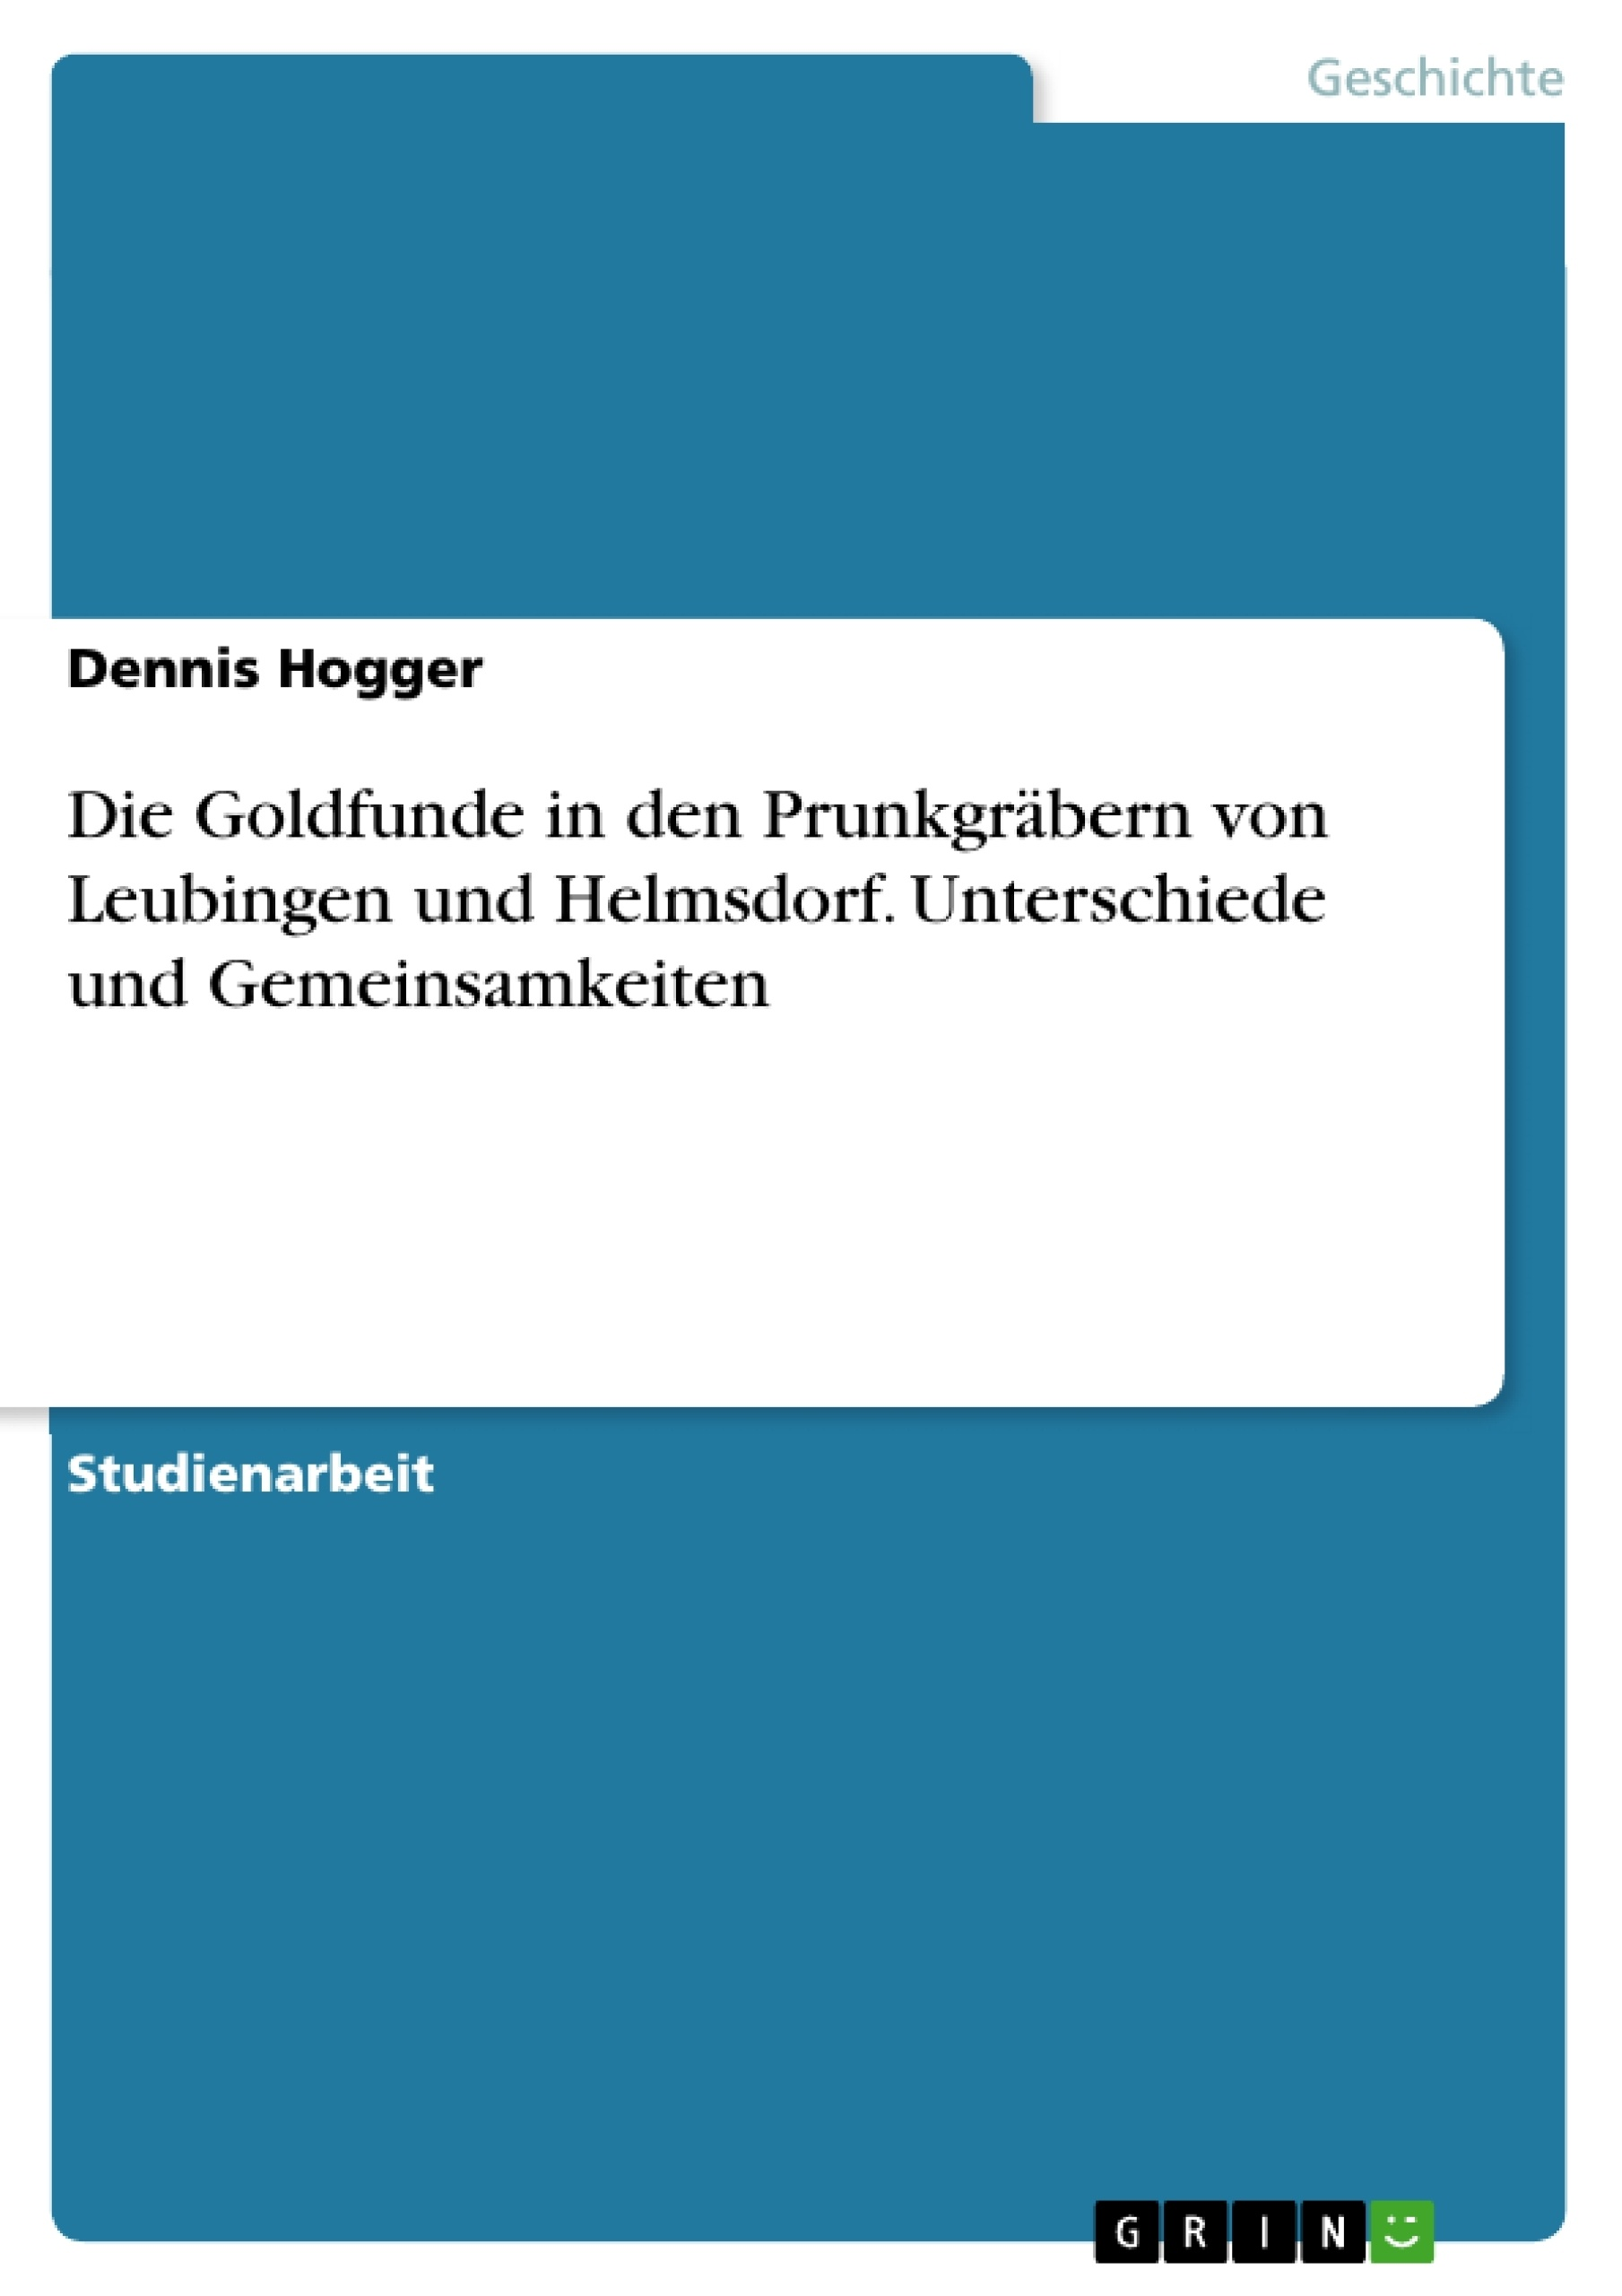 Titel: Die Goldfunde in den Prunkgräbern von Leubingen und Helmsdorf. Unterschiede und Gemeinsamkeiten